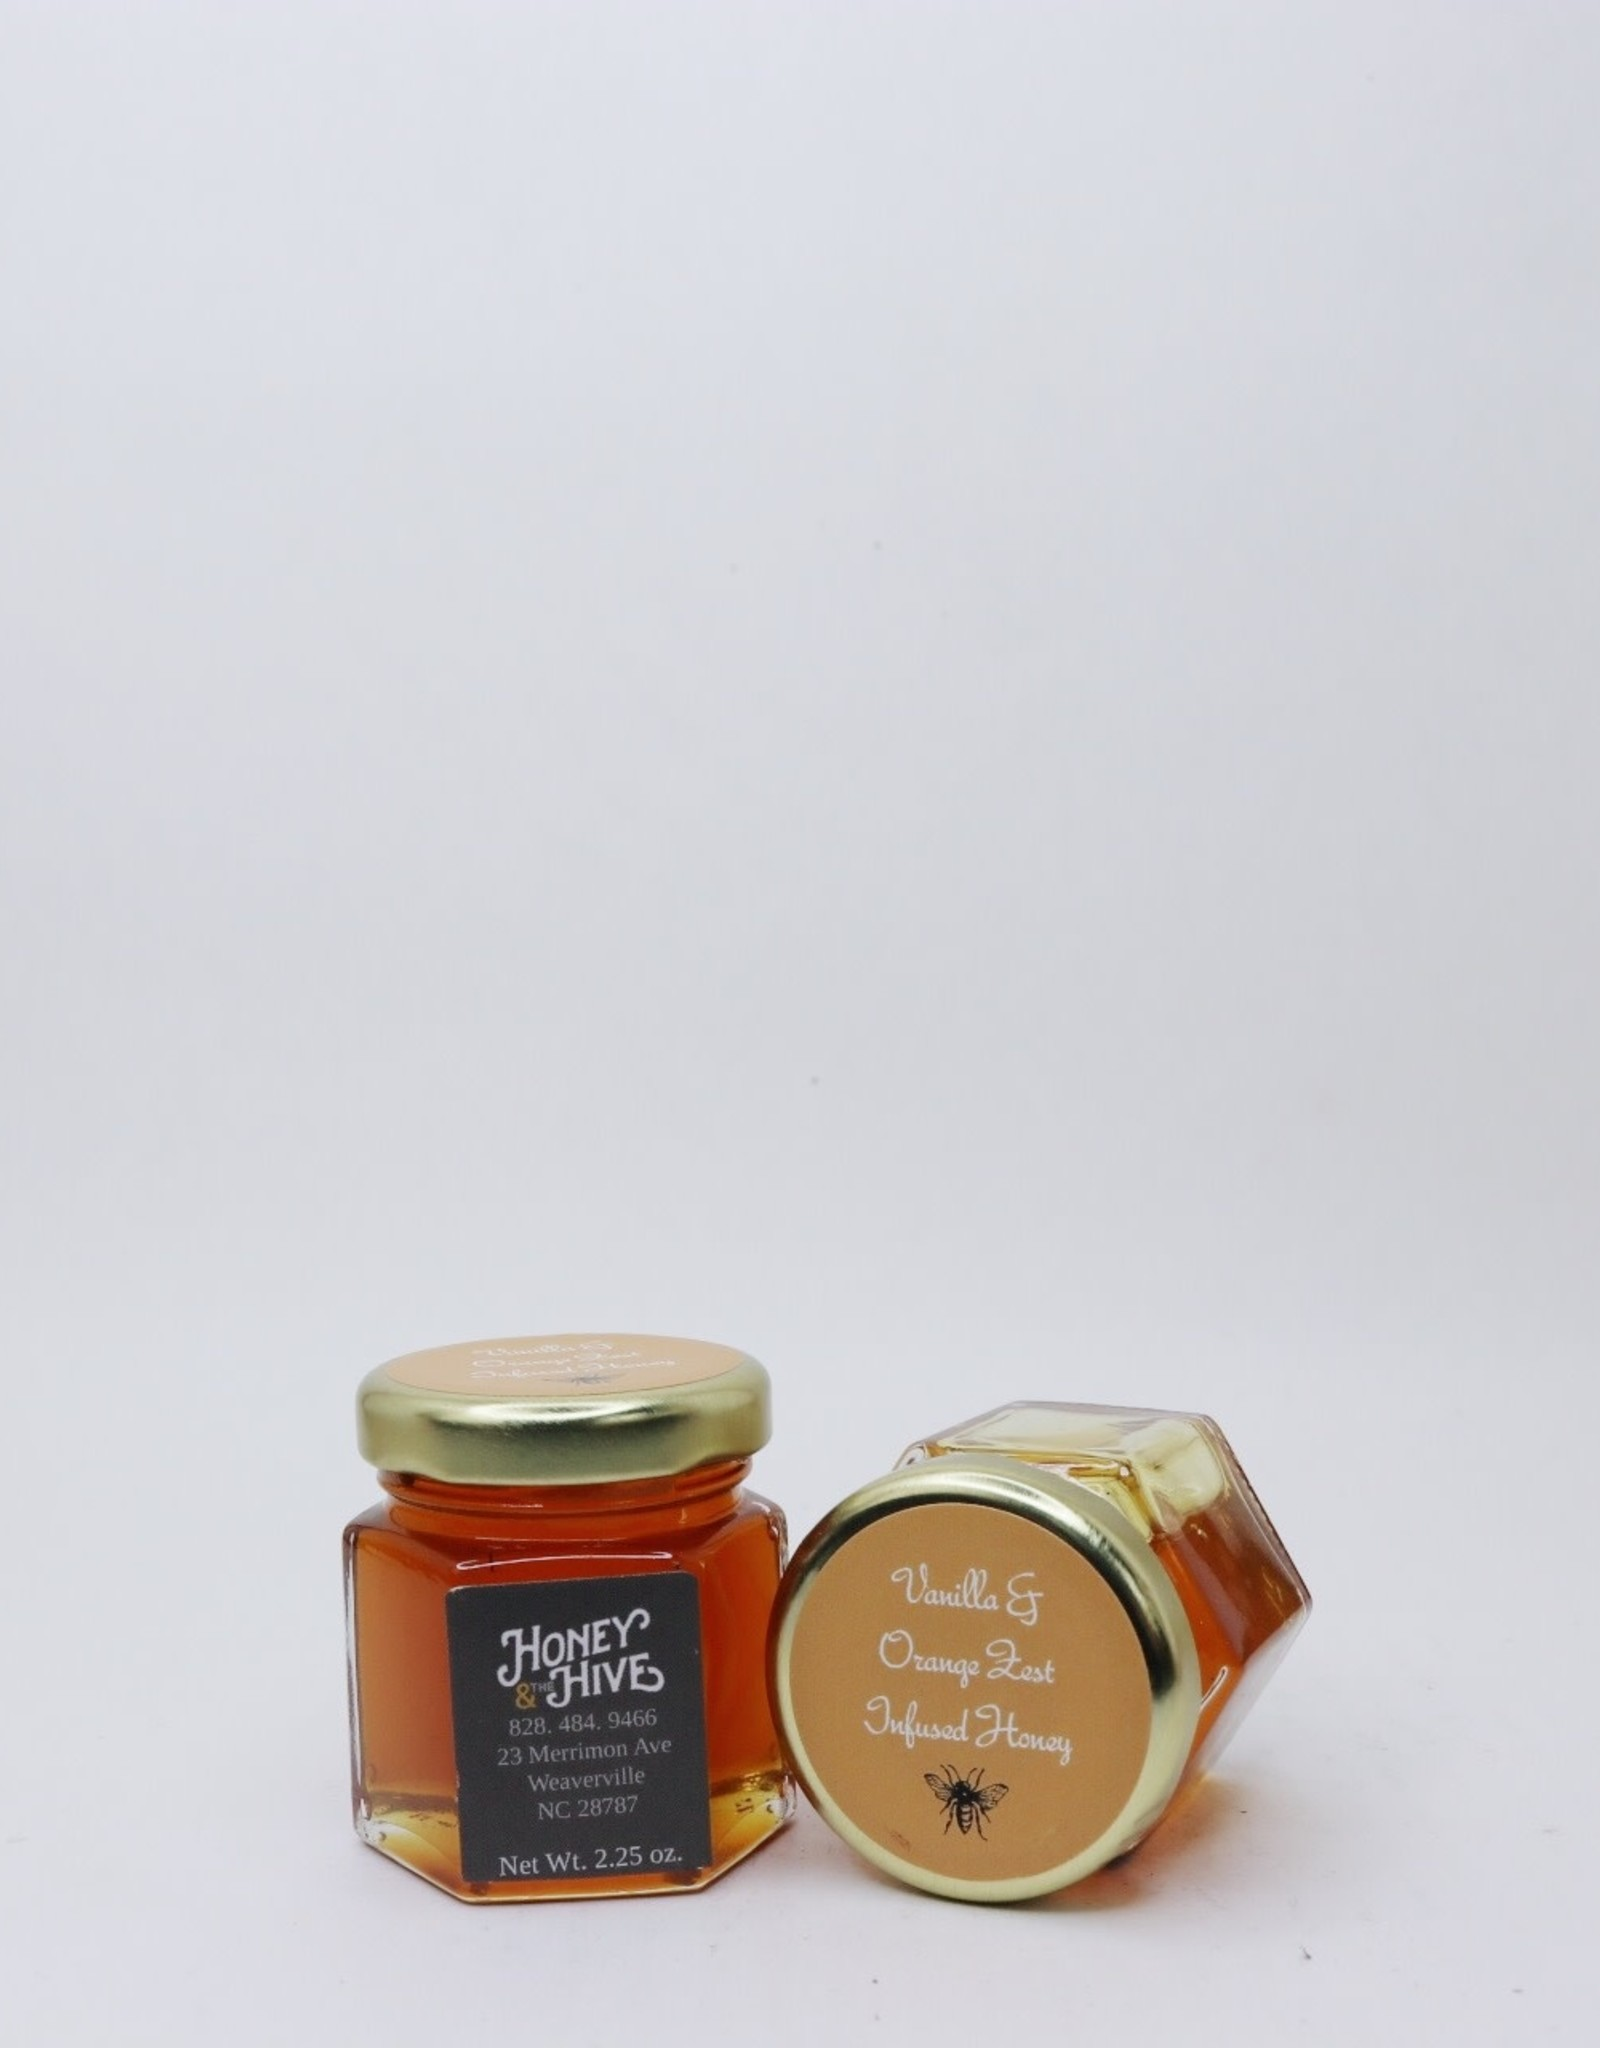 Honey & the Hive Vanilla & Orange Zest Infused Honey